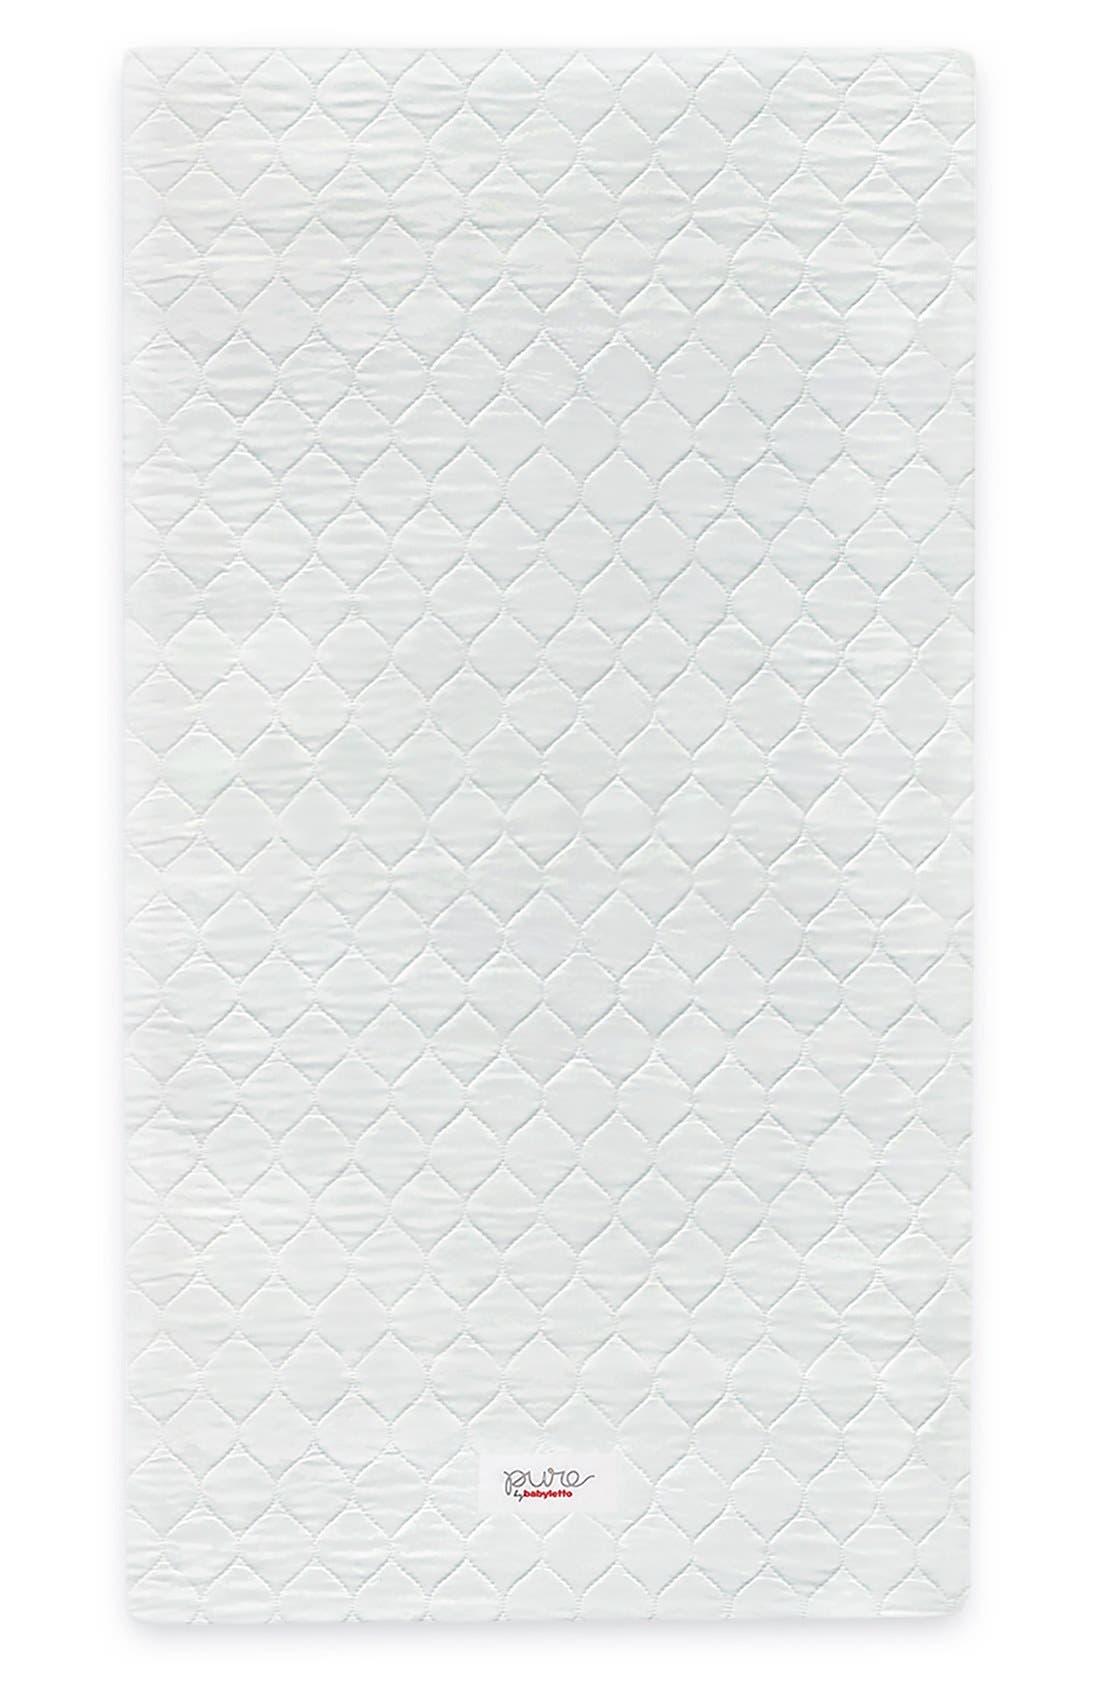 Pure Core Nontoxic Mini Crib Mattress & Hybrid Cover,                         Main,                         color, White